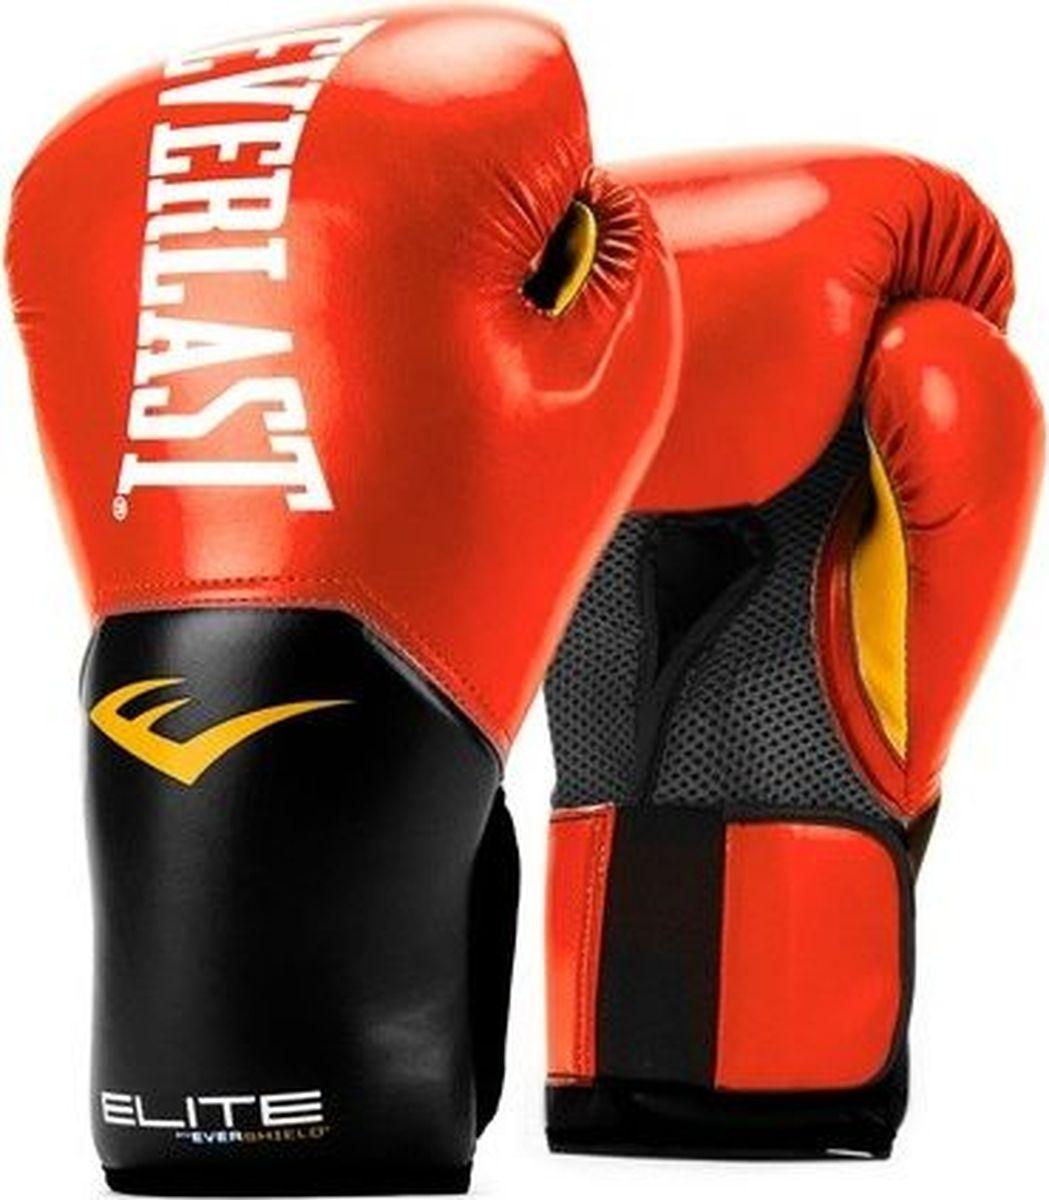 Боксерские перчатки Everlast Elite ProStyle, тренировочные, P00001243-8, красный, вес 8 унций